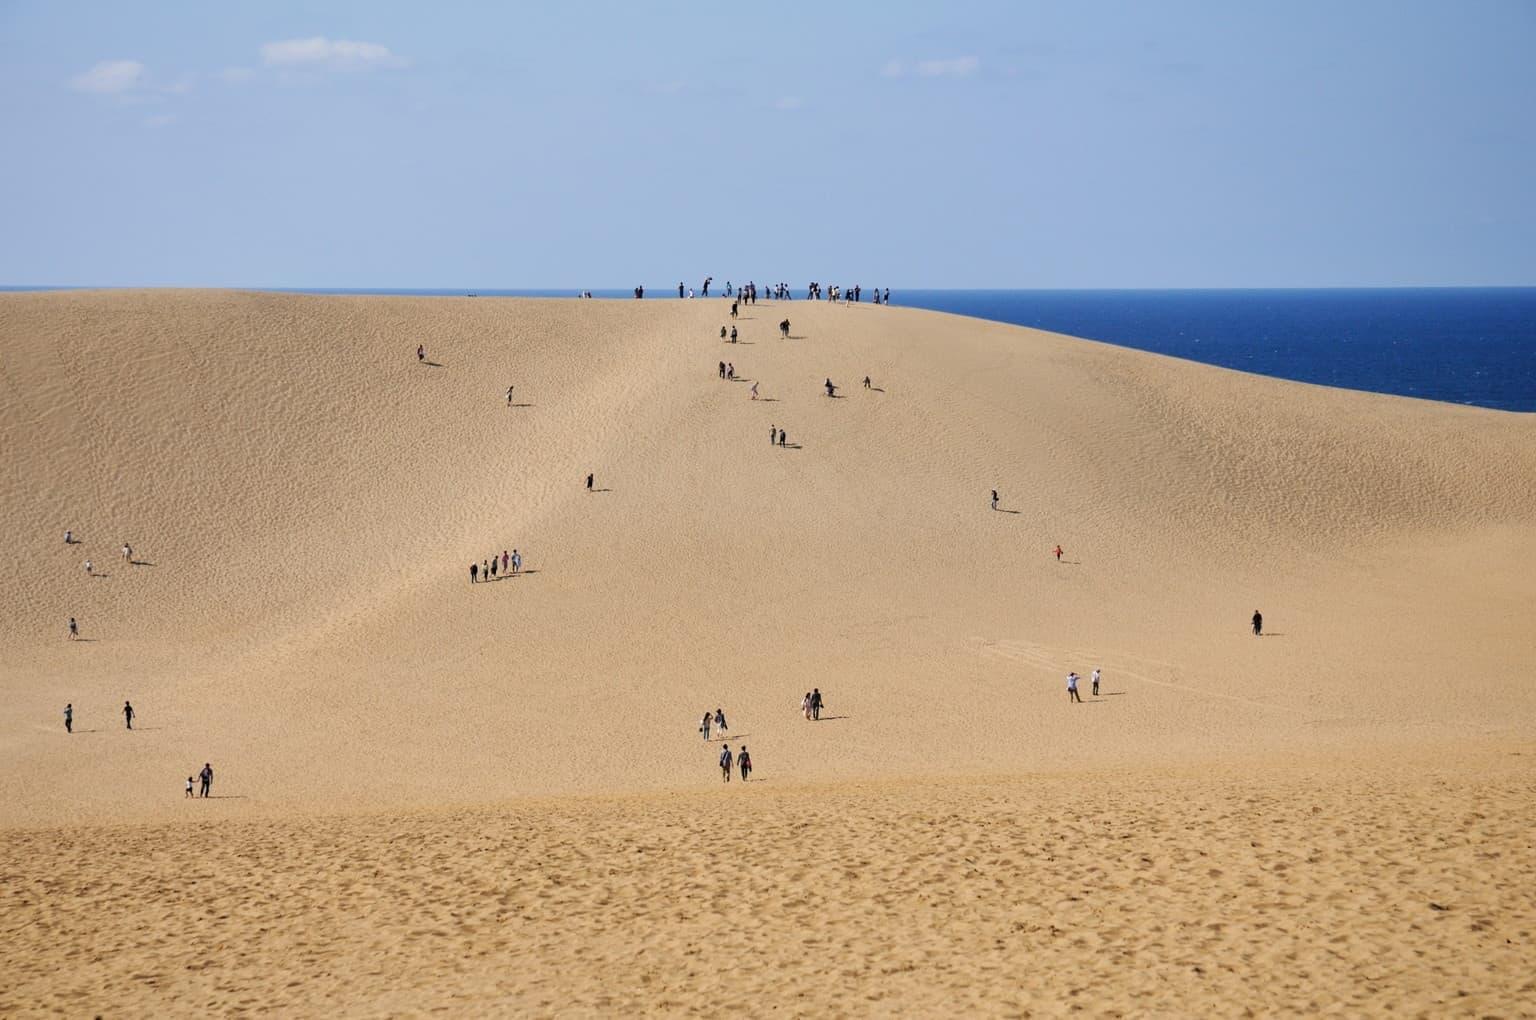 เที่ยวญี่ปุ่น คนน้อย unseen เนินทรายทตโตริ (Tottori Sand Dunes : 鳥取砂丘)